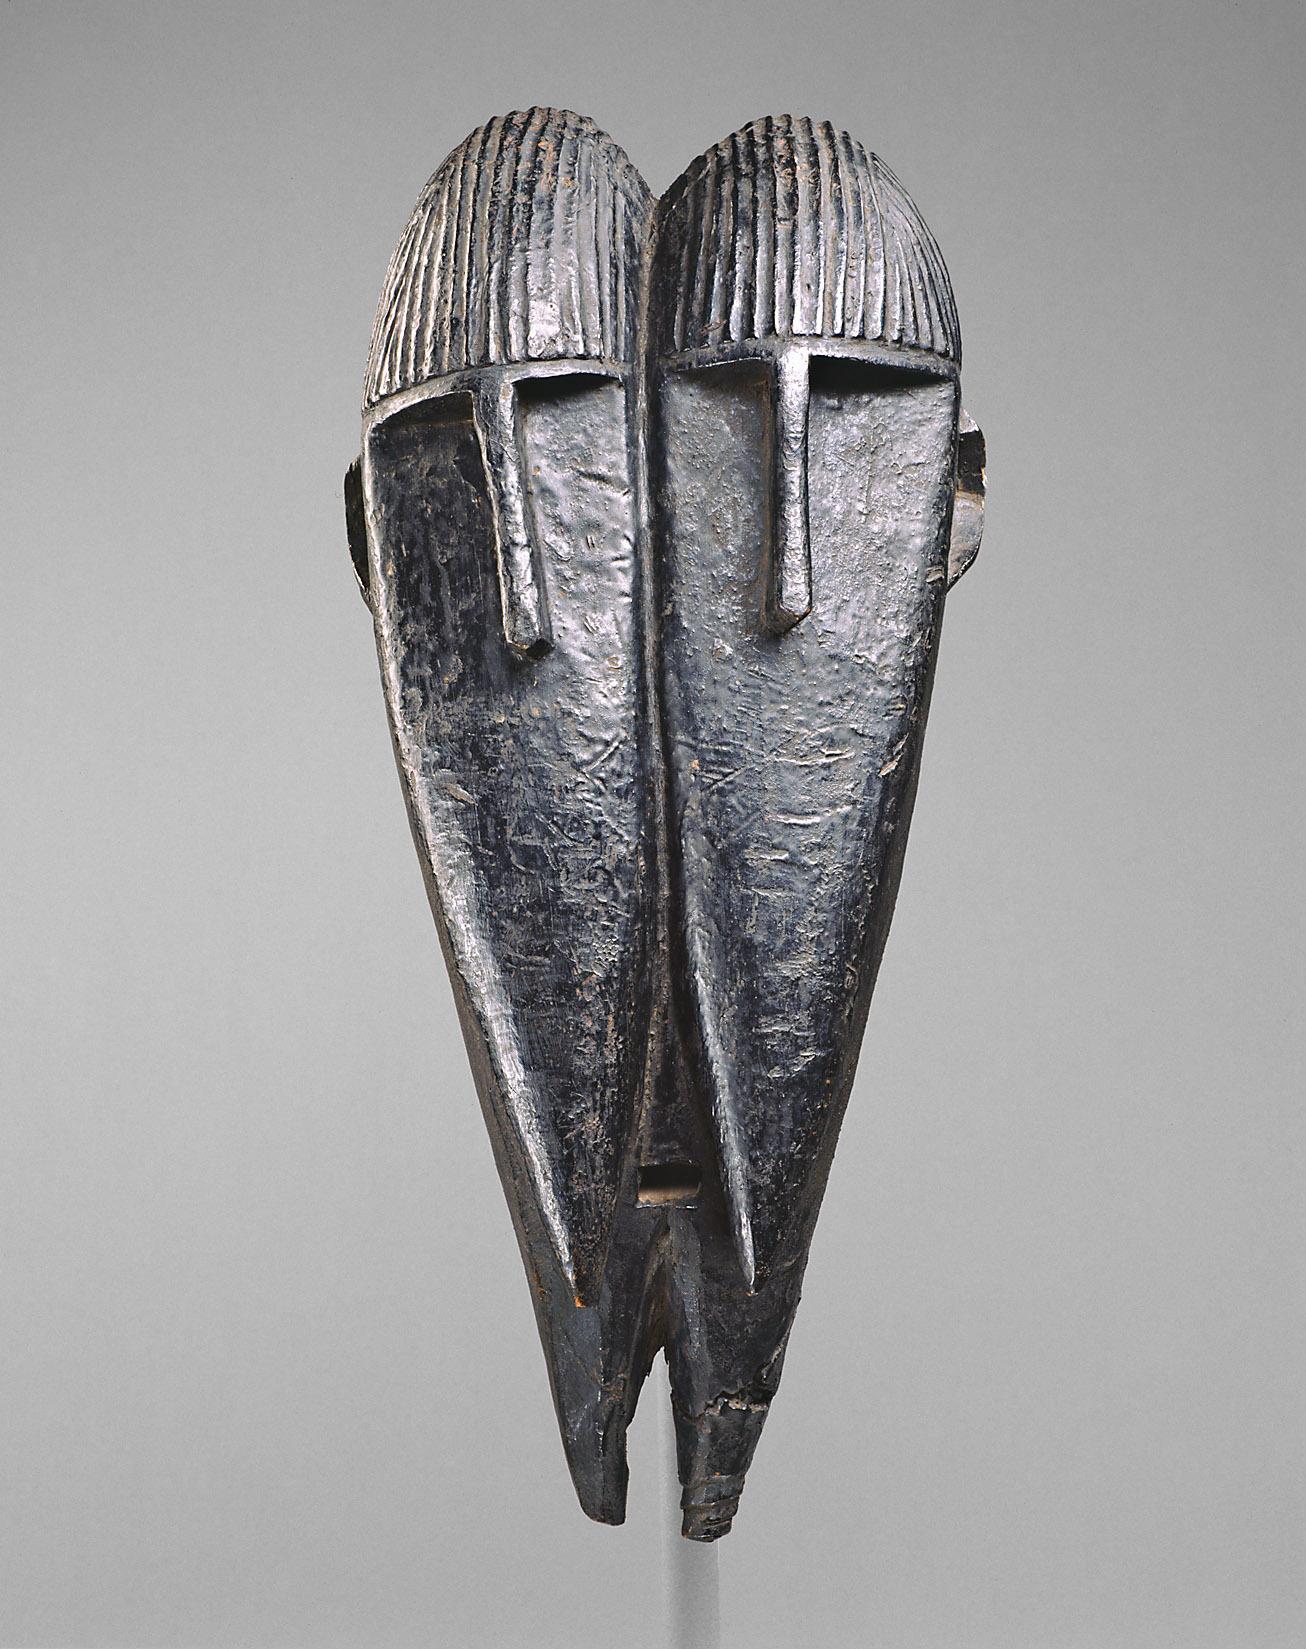 Doppelmaske von Unbekannter Meister der Baga